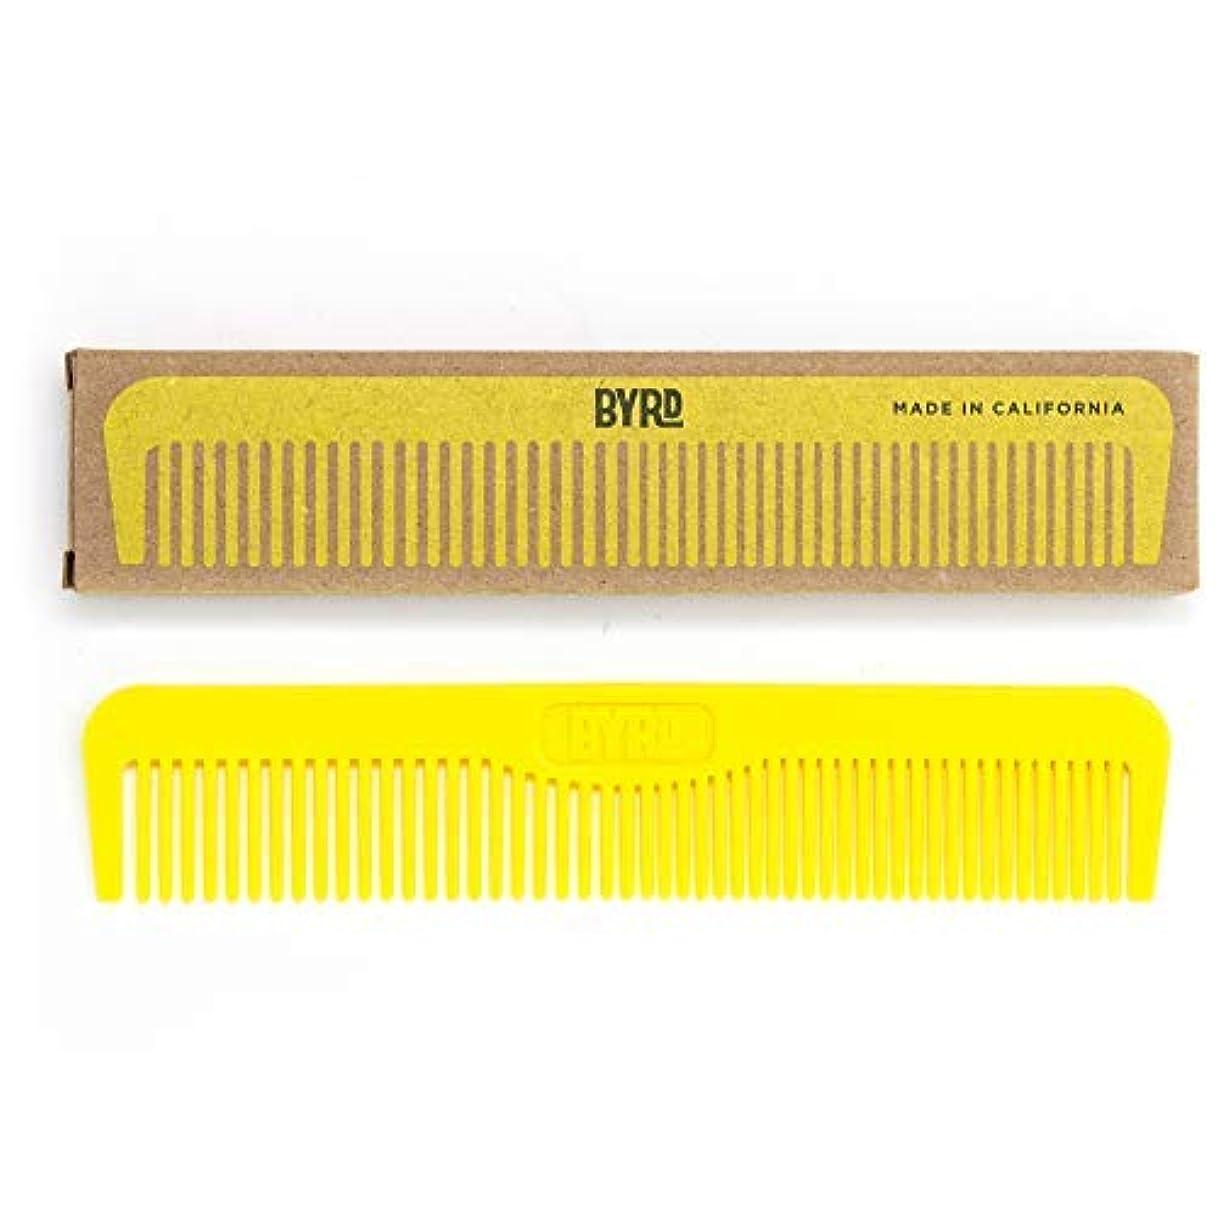 国歌ベッツィトロットウッド繁殖BYRD Pocket Comb - Durable, Flexible, Tangle Free, Styling Comb, For All Hair Types, Back Pocket Friendly [並行輸入品]